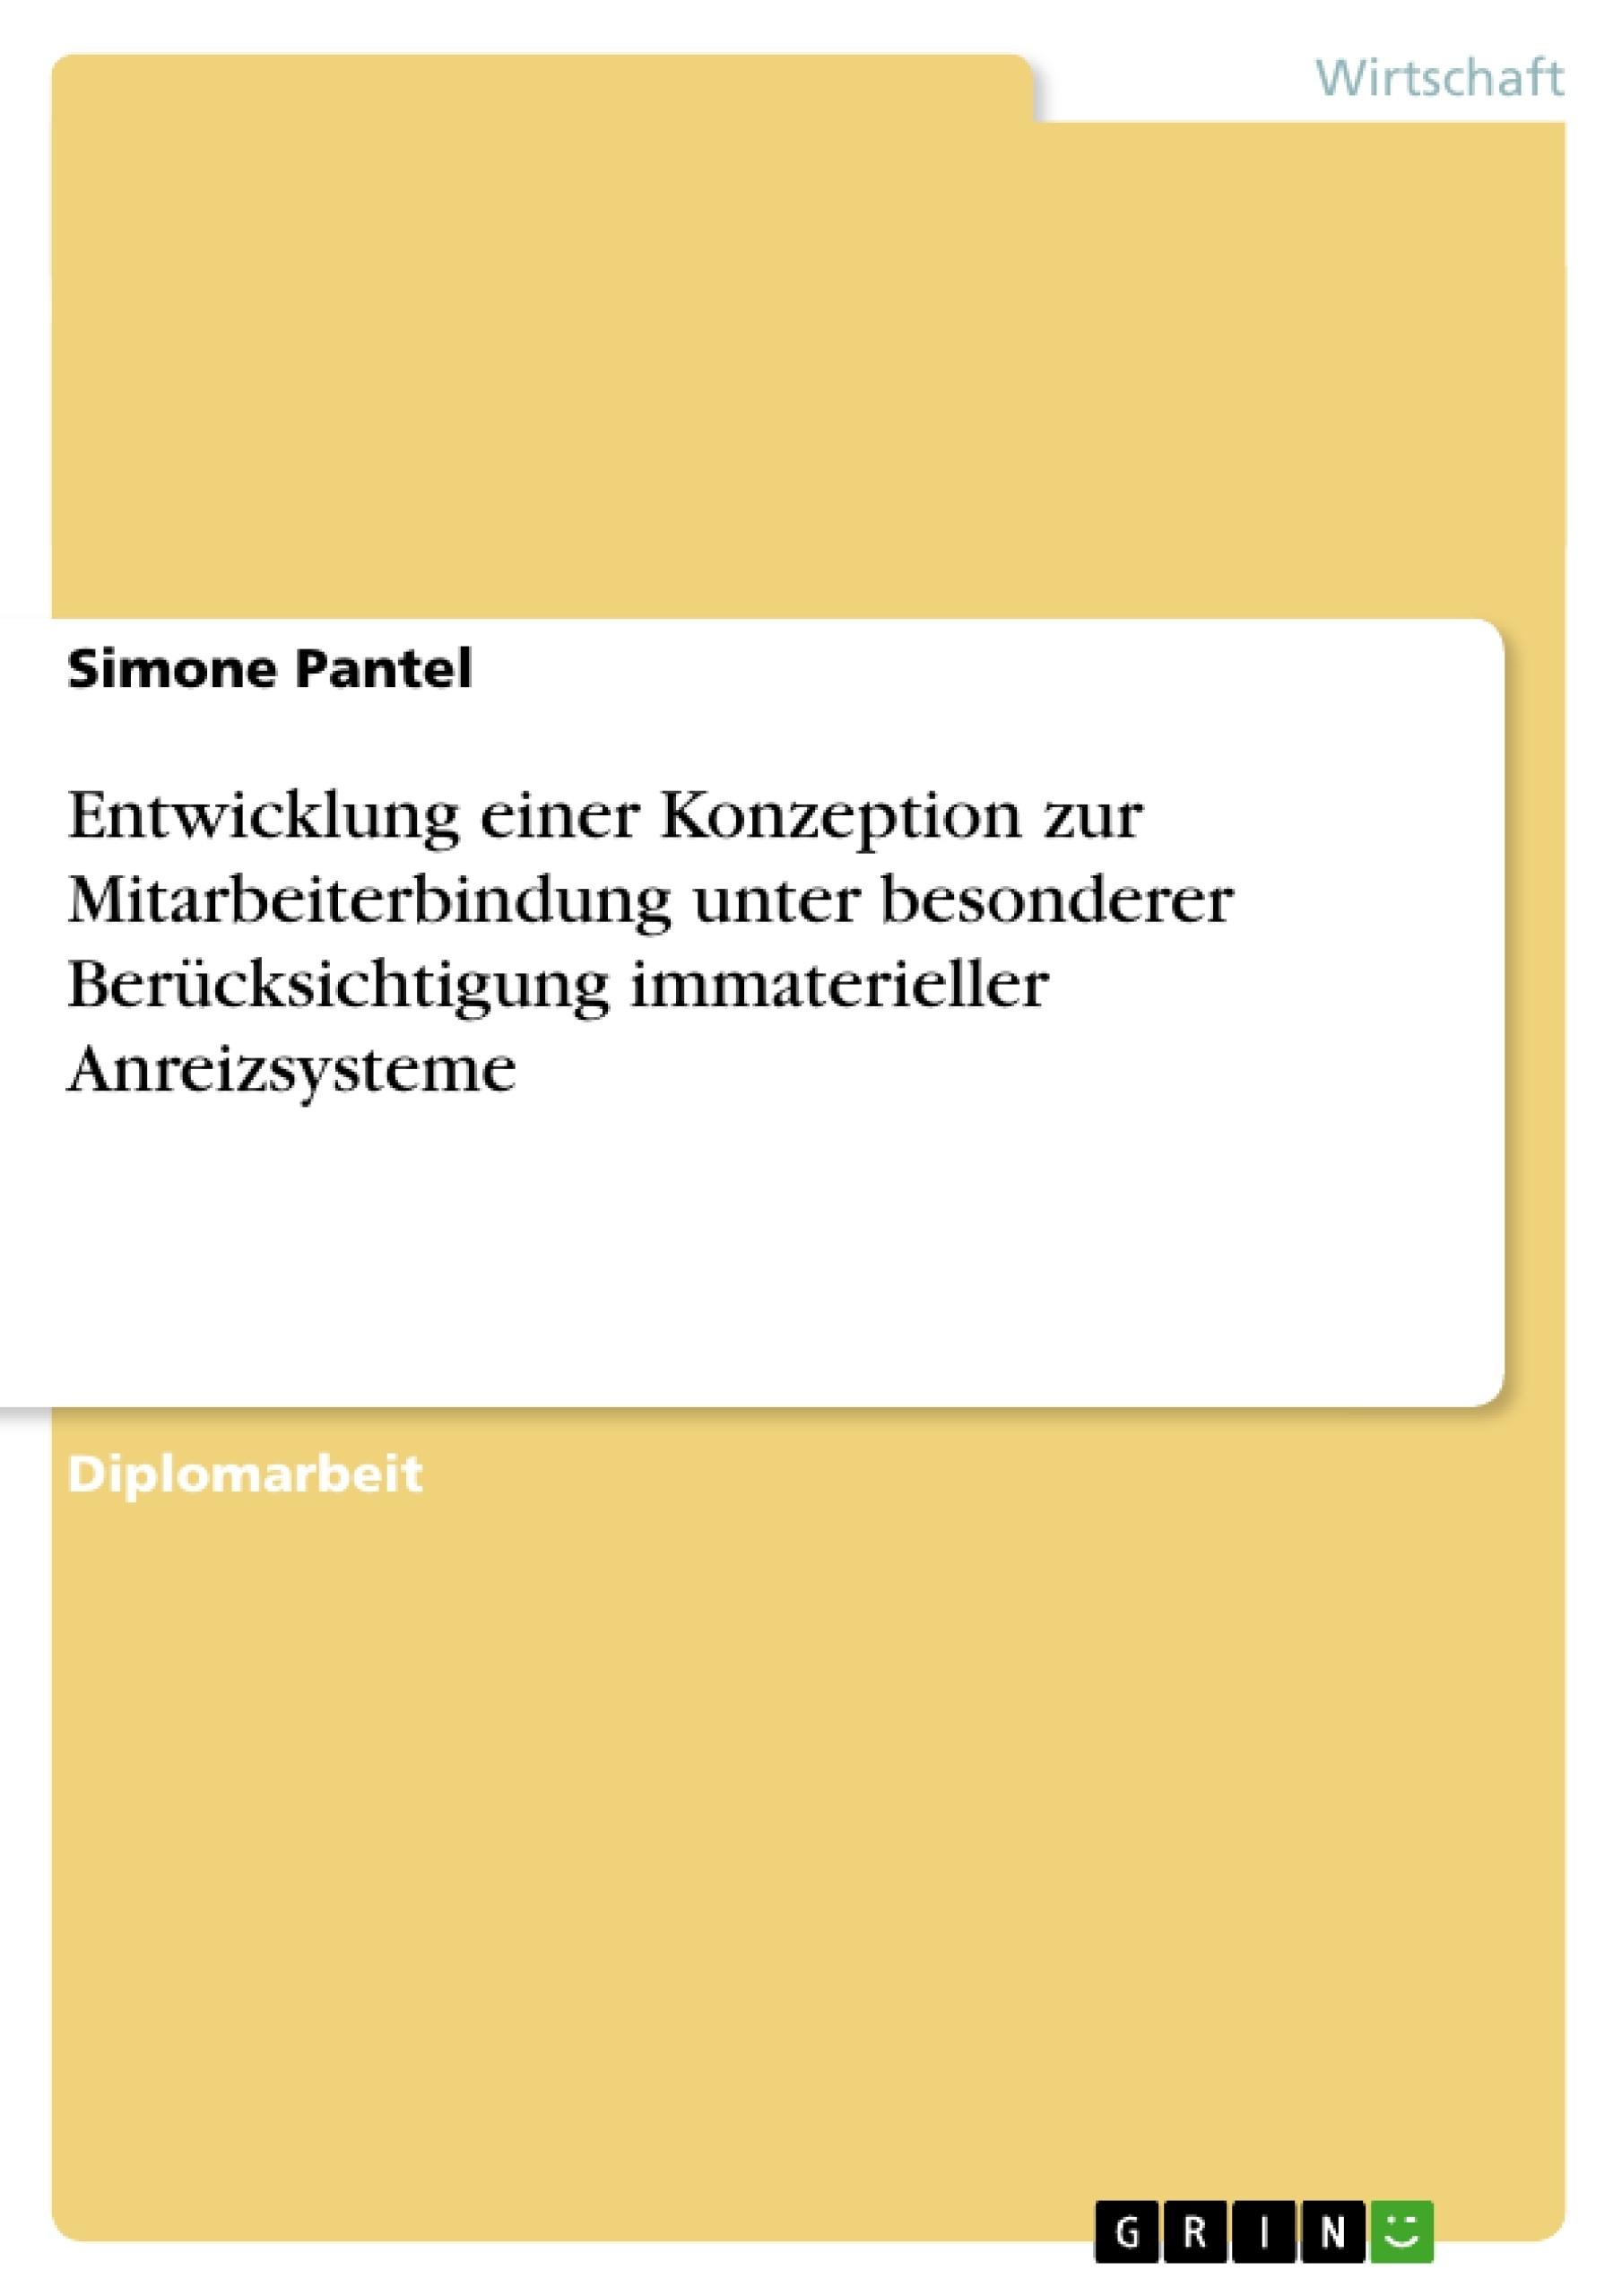 Titel: Entwicklung einer Konzeption zur Mitarbeiterbindung unter besonderer Berücksichtigung immaterieller Anreizsysteme